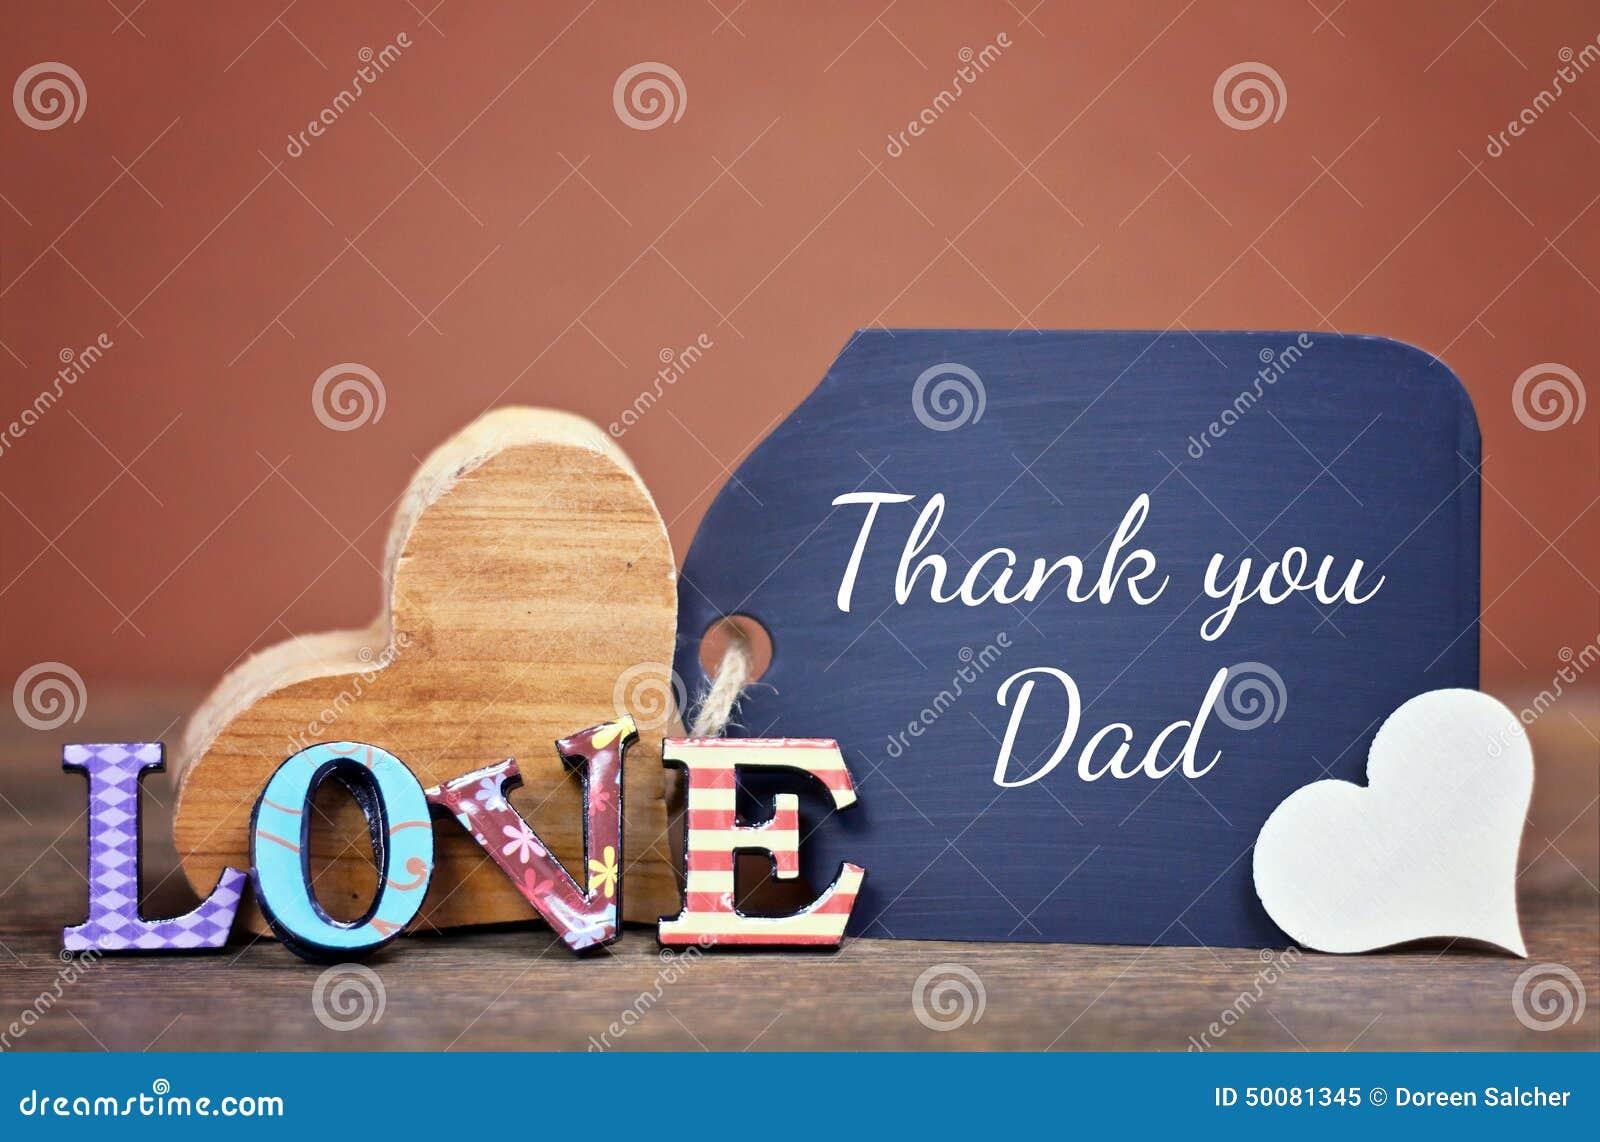 Открытка папе спасибо, открытка последний